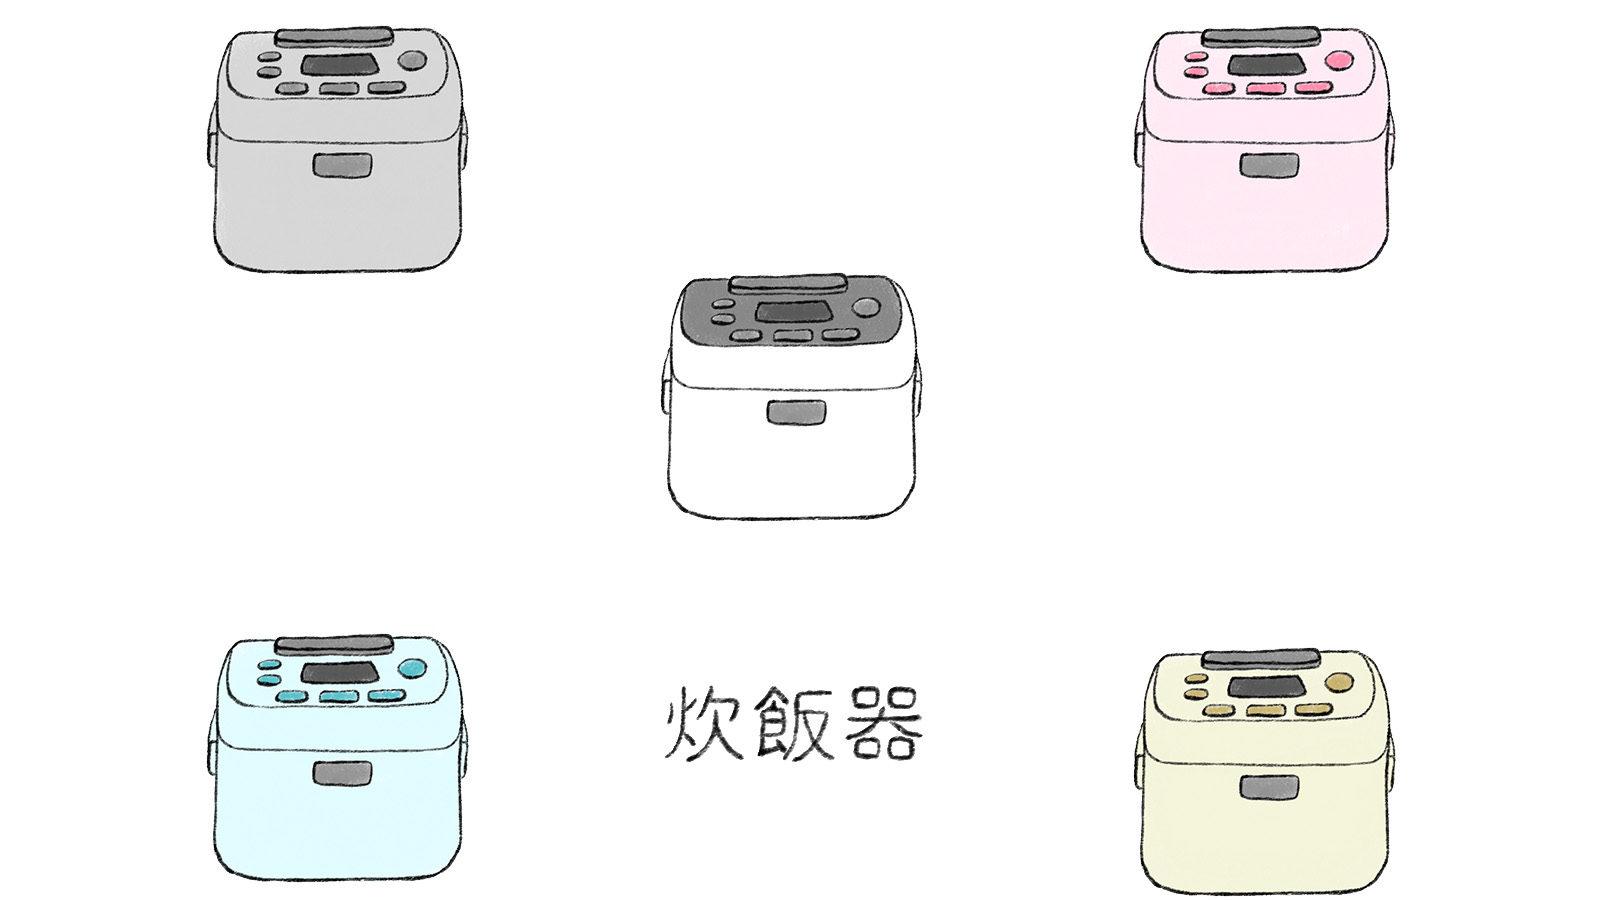 炊飯器選びのポイント&機能!~新生活におすすめの炊飯器5選〜